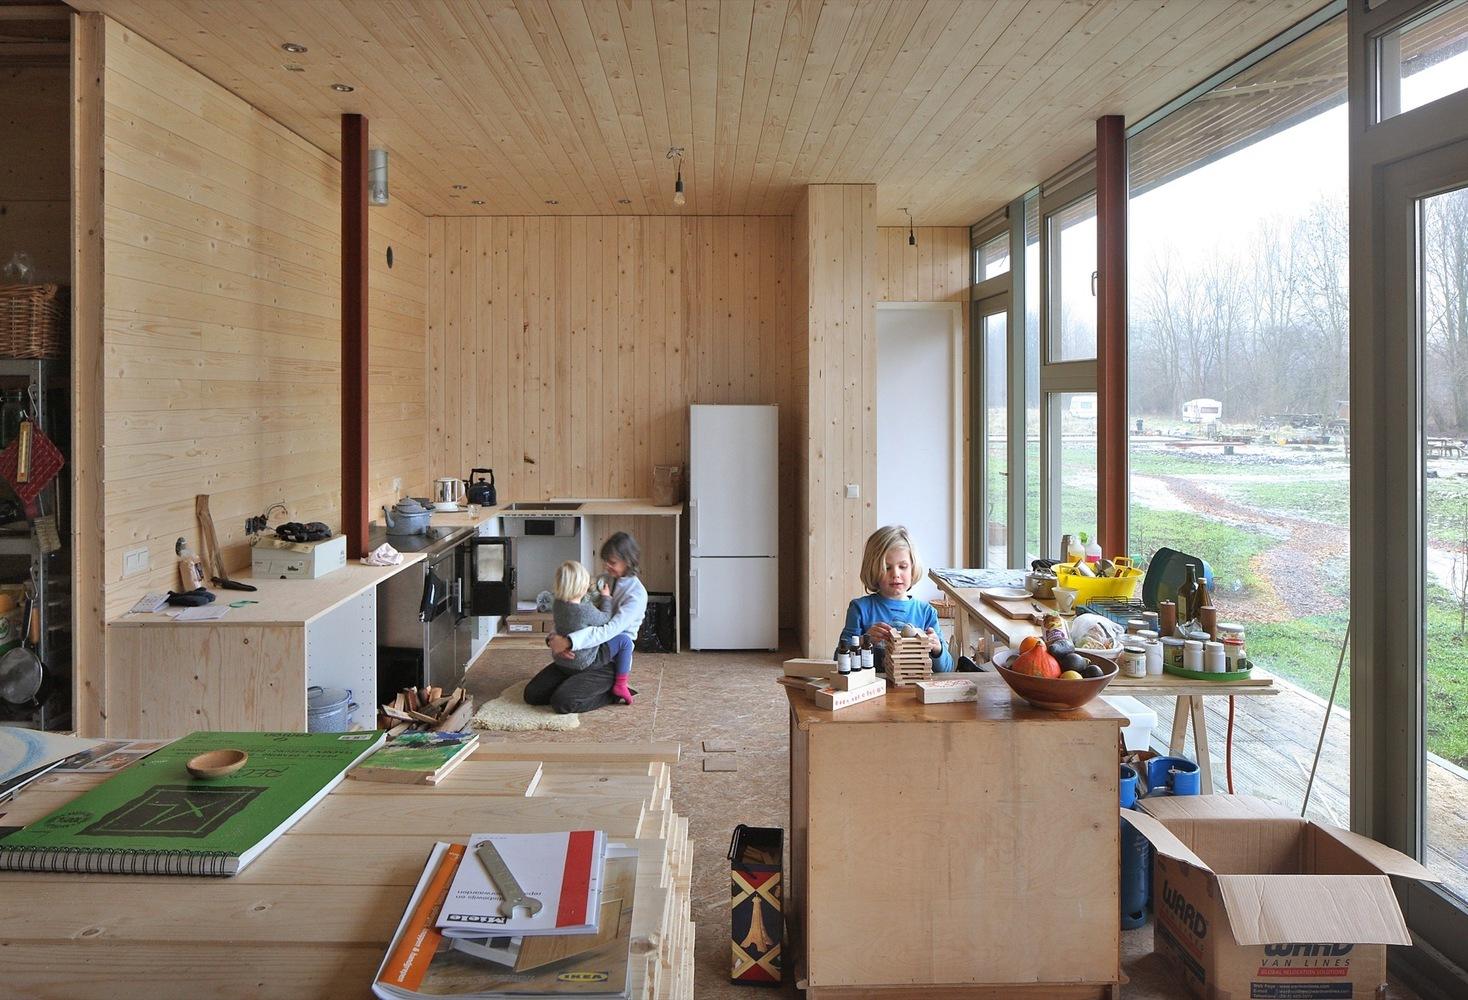 ¿Qué es el co-living en la arquitectura?,Oosterwold Co-living Complex / bureau SLA. Image Cortesia de Filip Dujardin